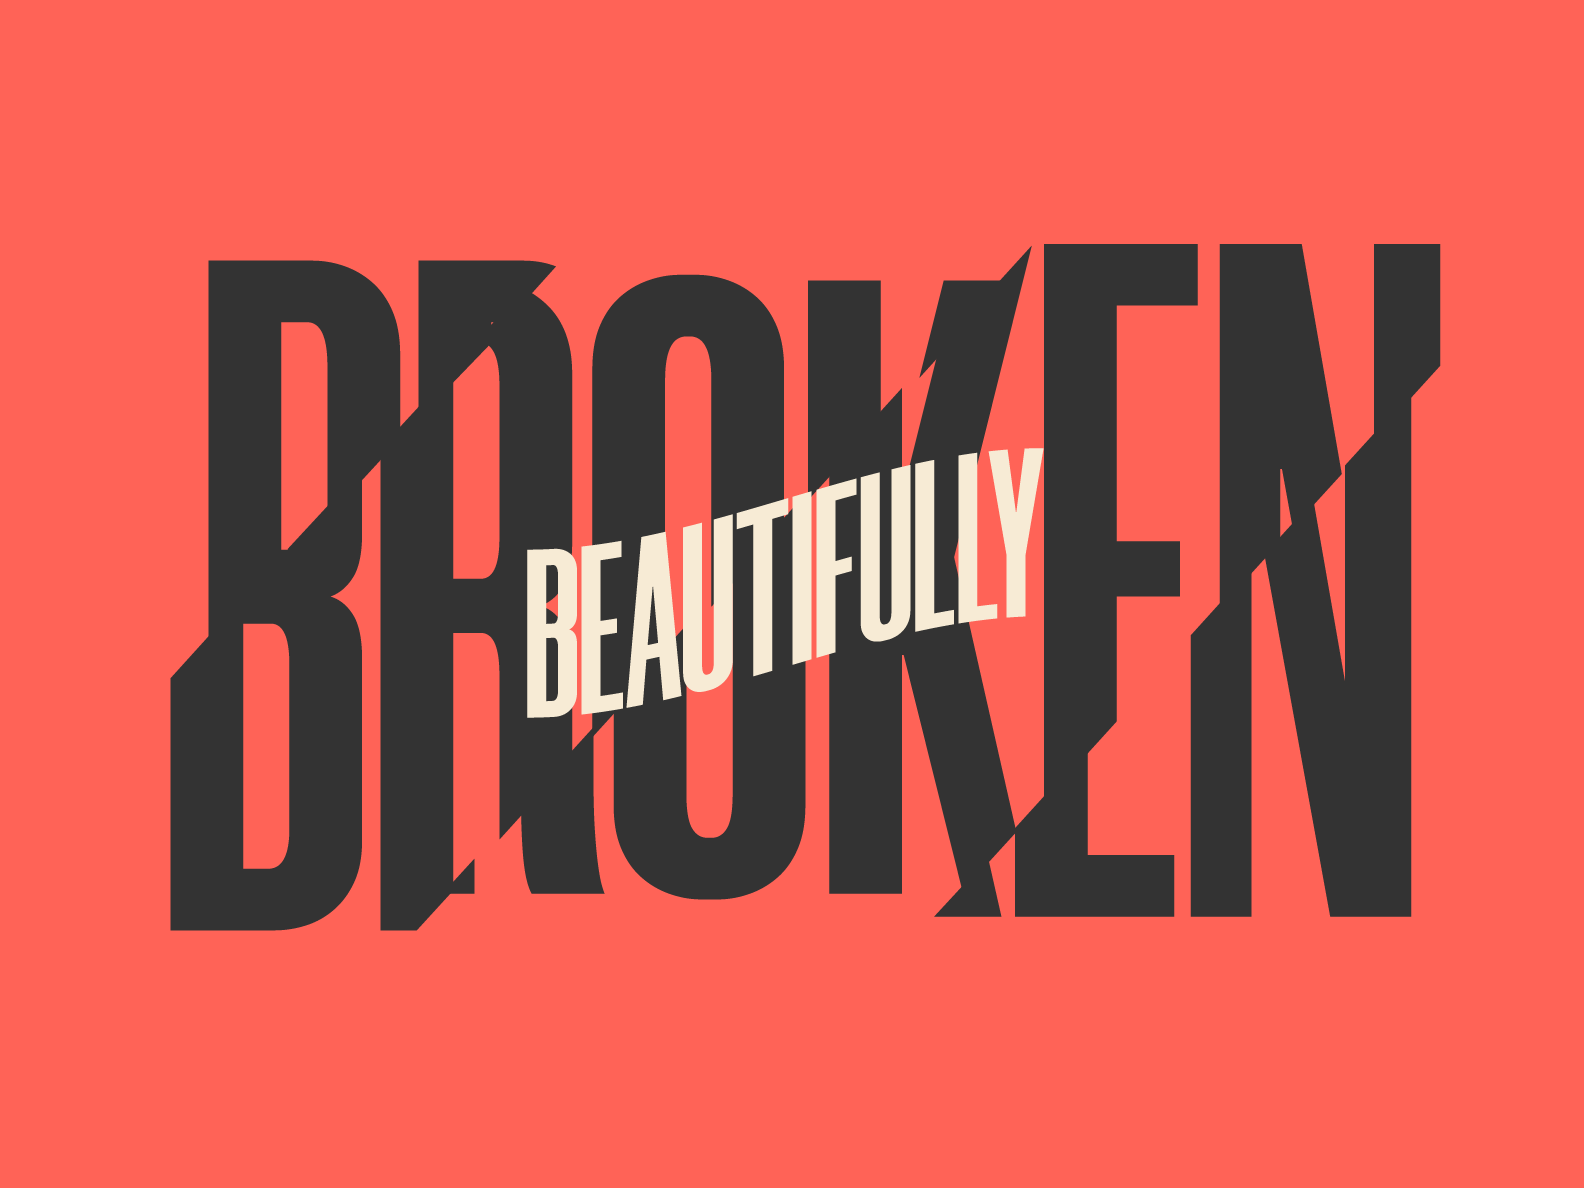 Beautifully Broken typogaphy type beautiful broken kellyclarkson music lyrics creative graphicdesign design